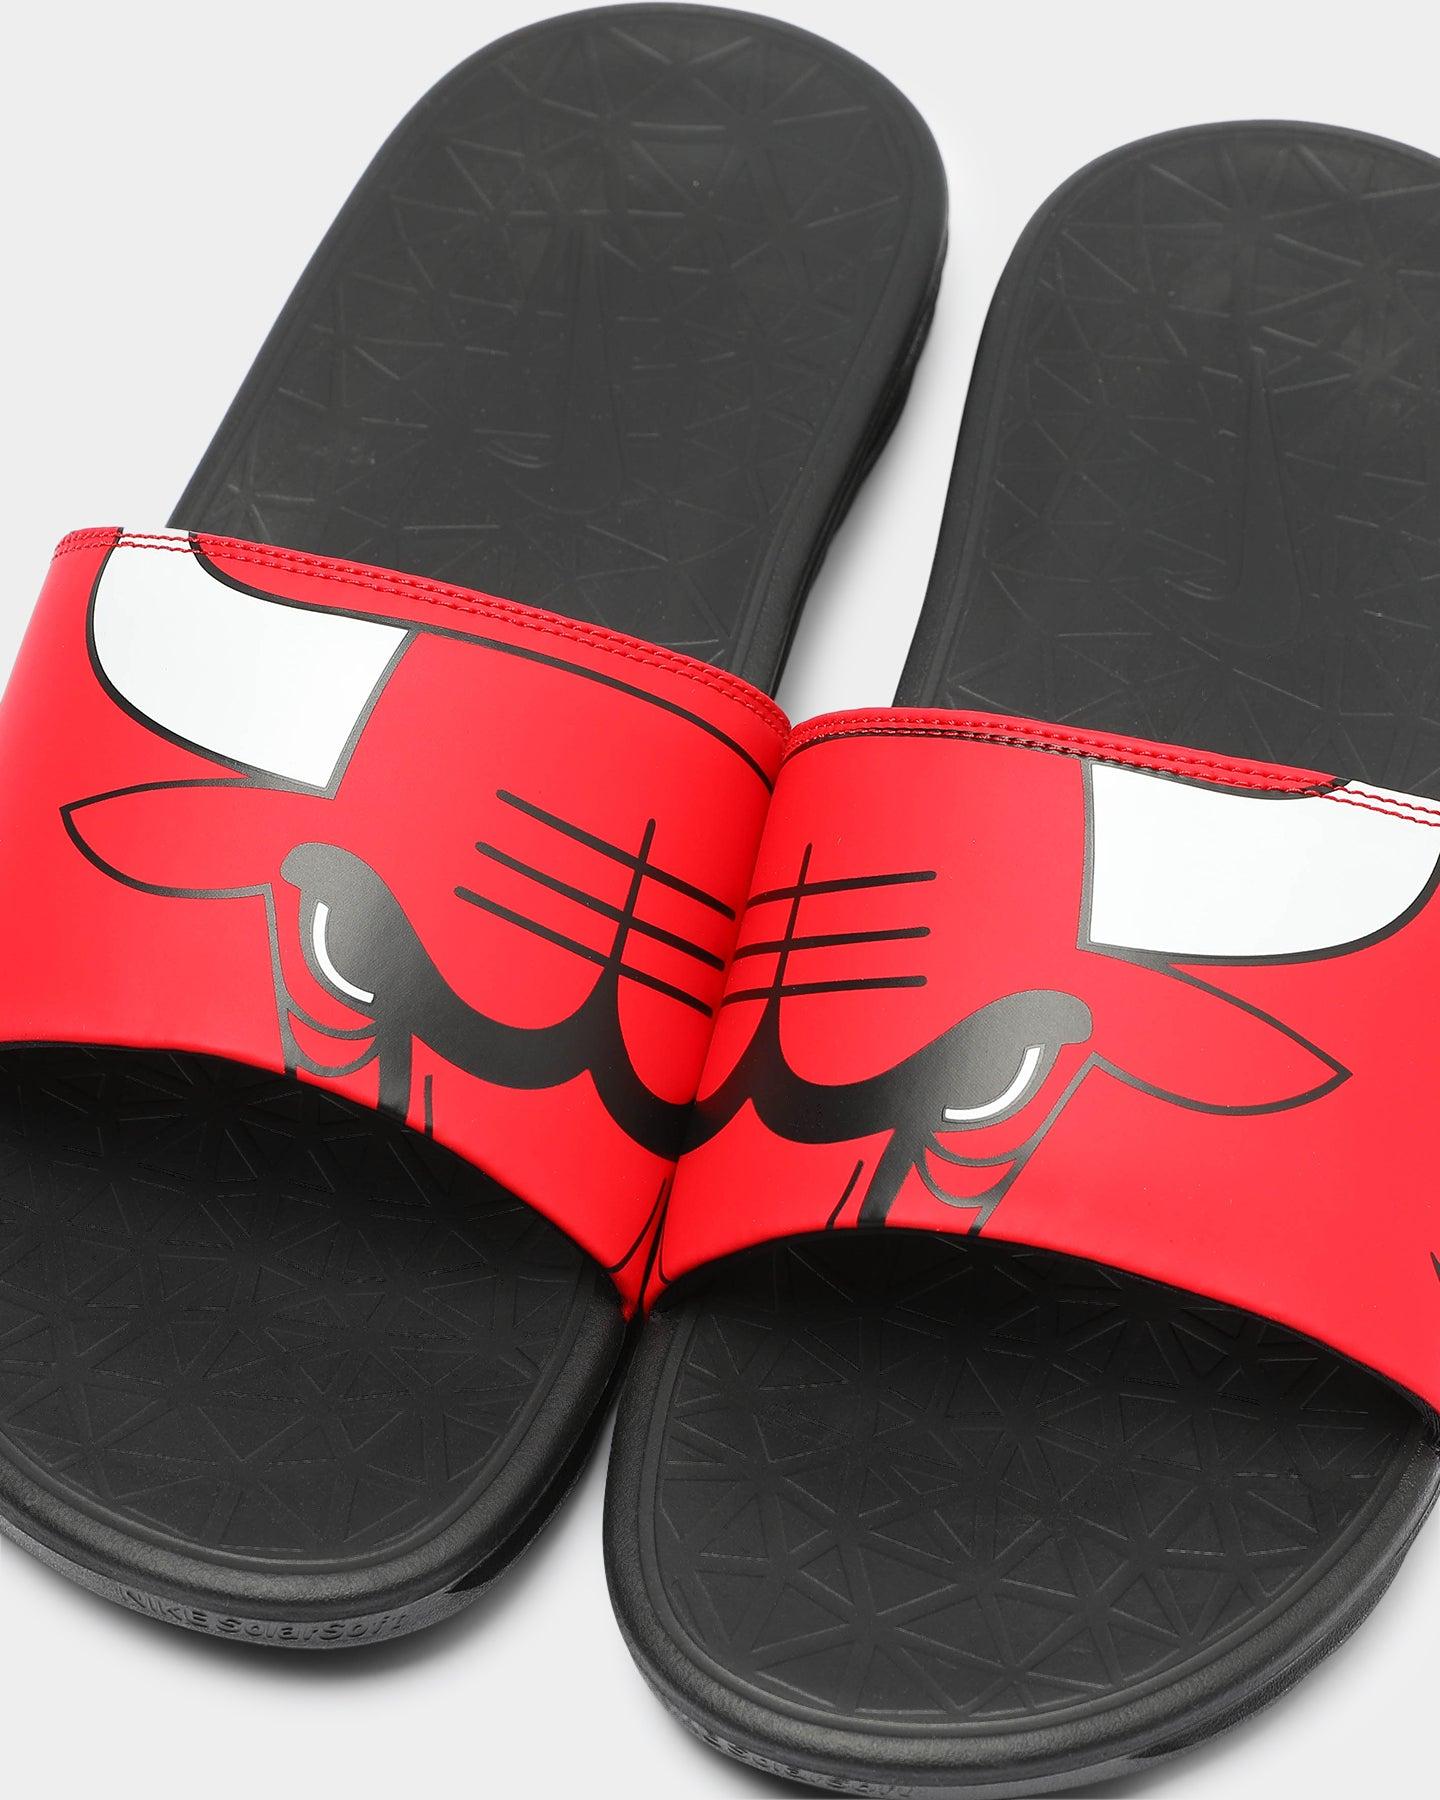 Nike Benassi Solarsoft NBA Slides RedWhiteBlack